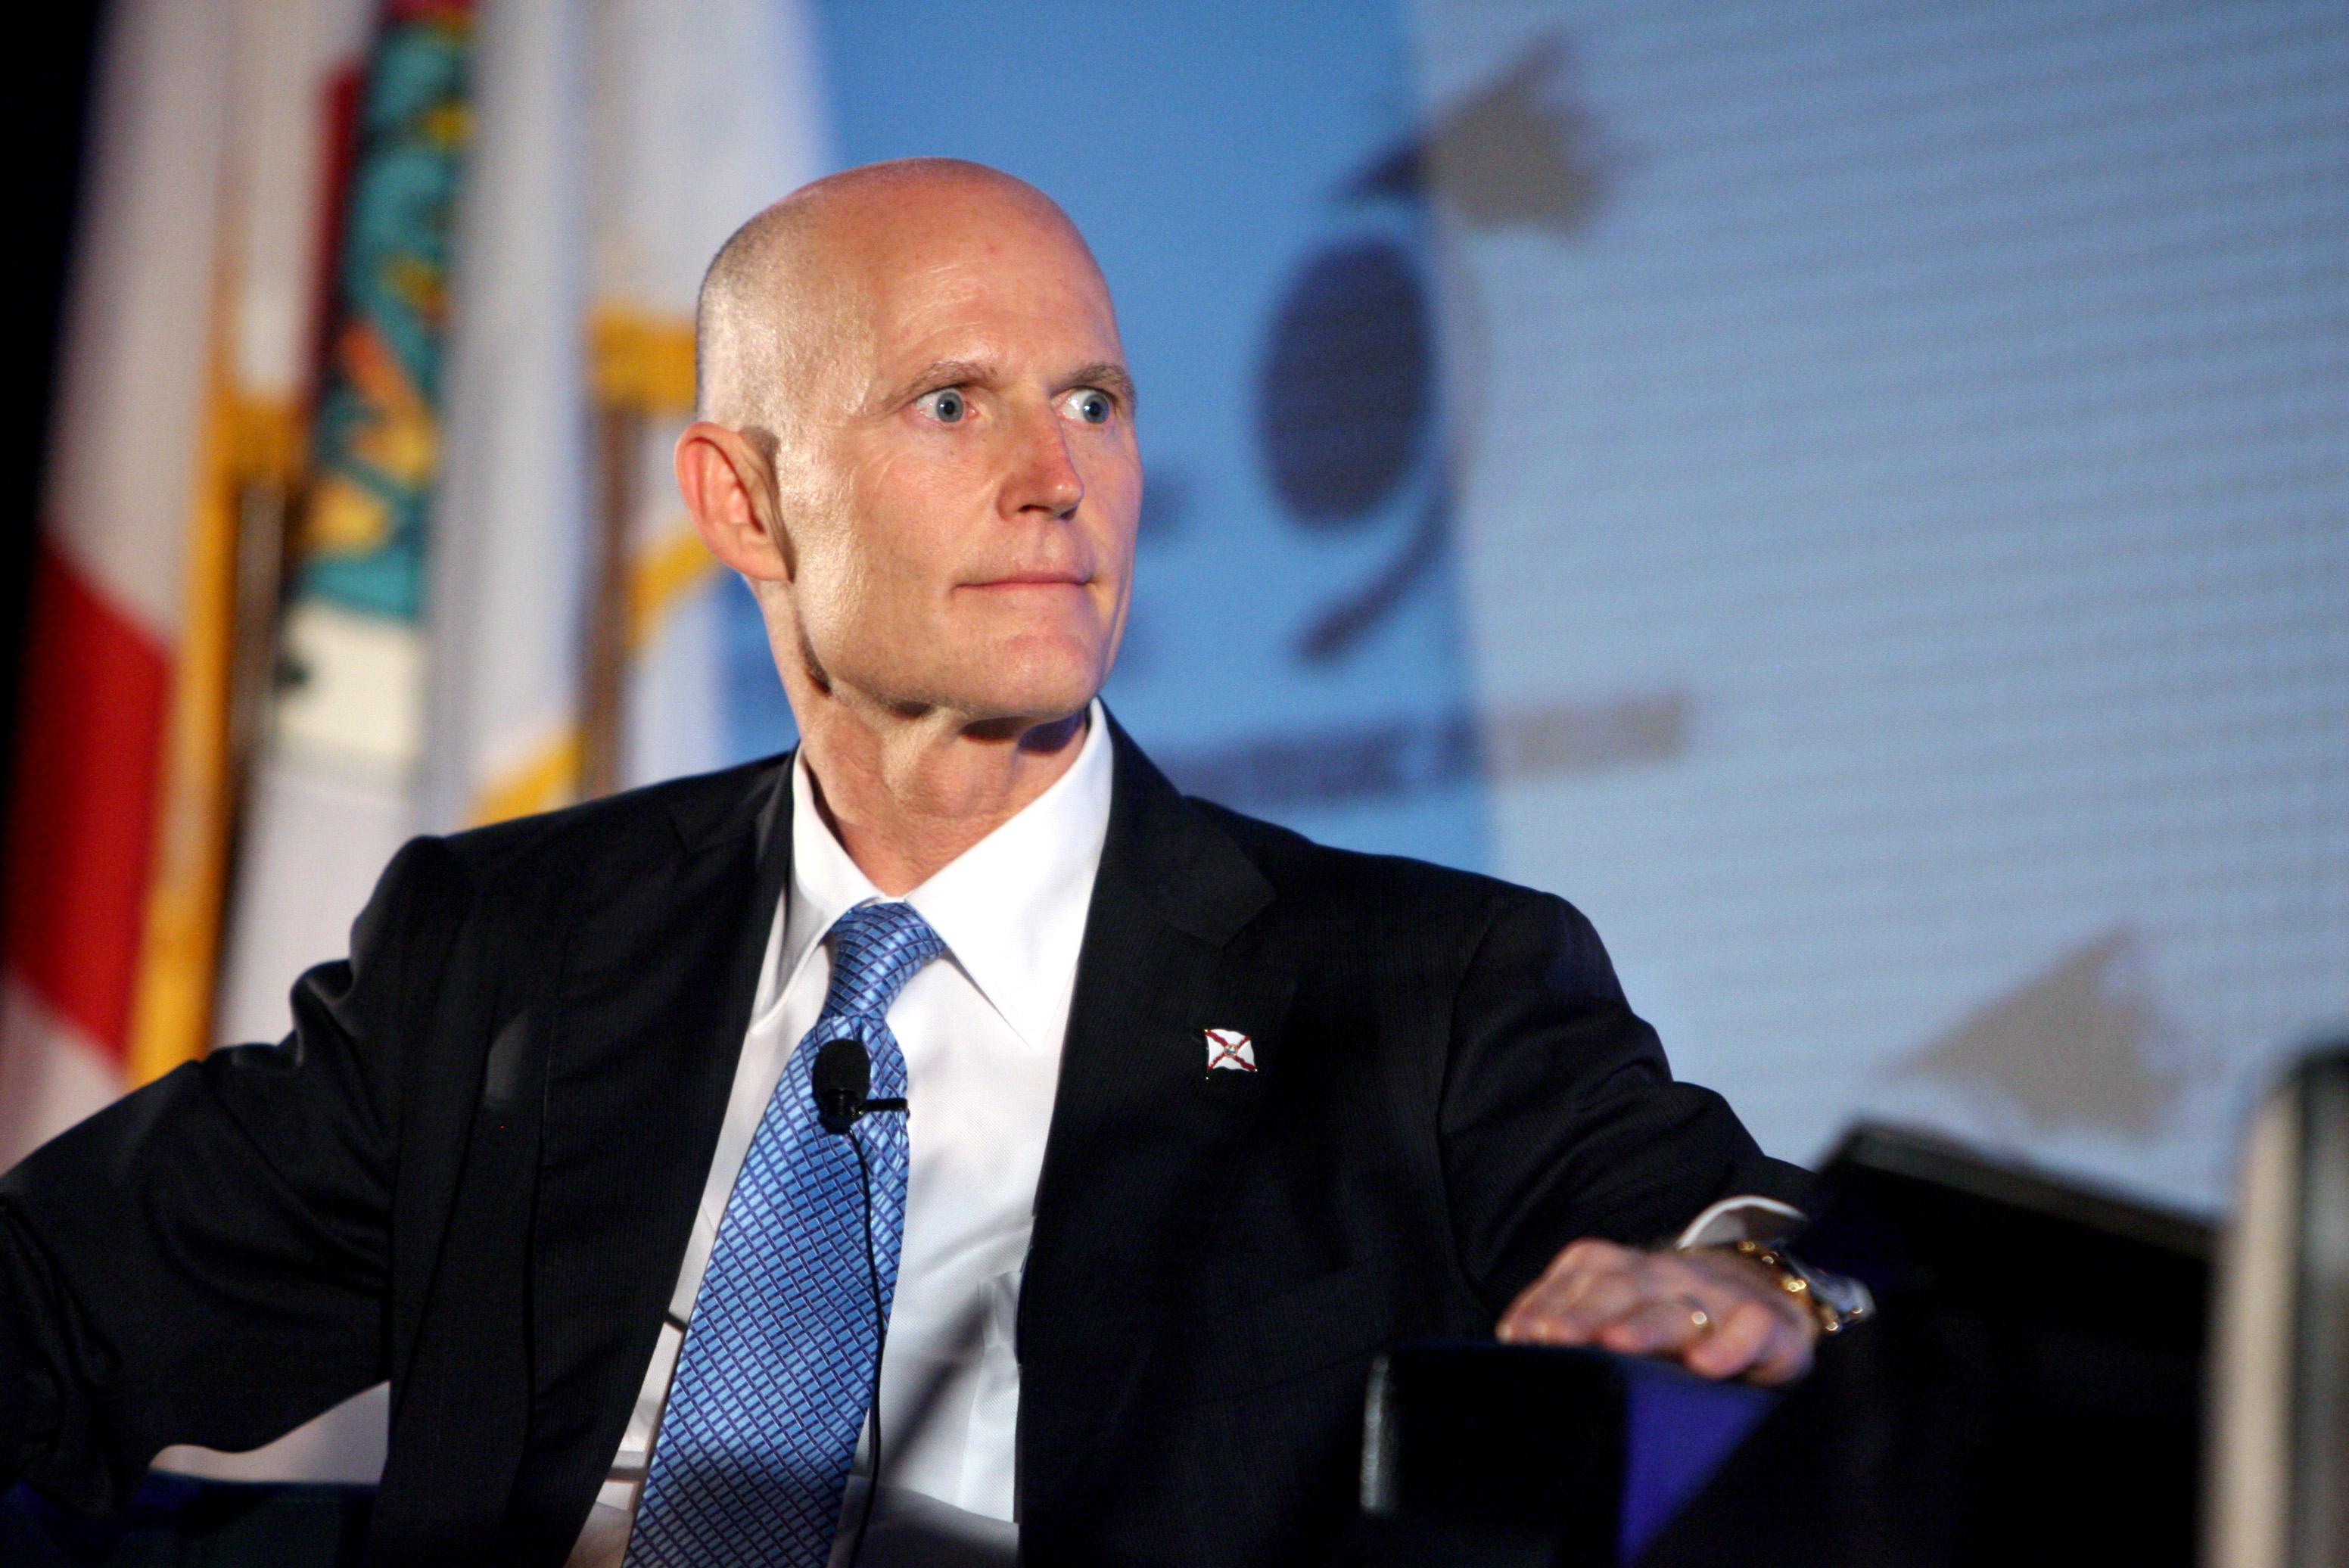 Gobernador de Florida pide la renuncia de un senador acusado de abuso sexual